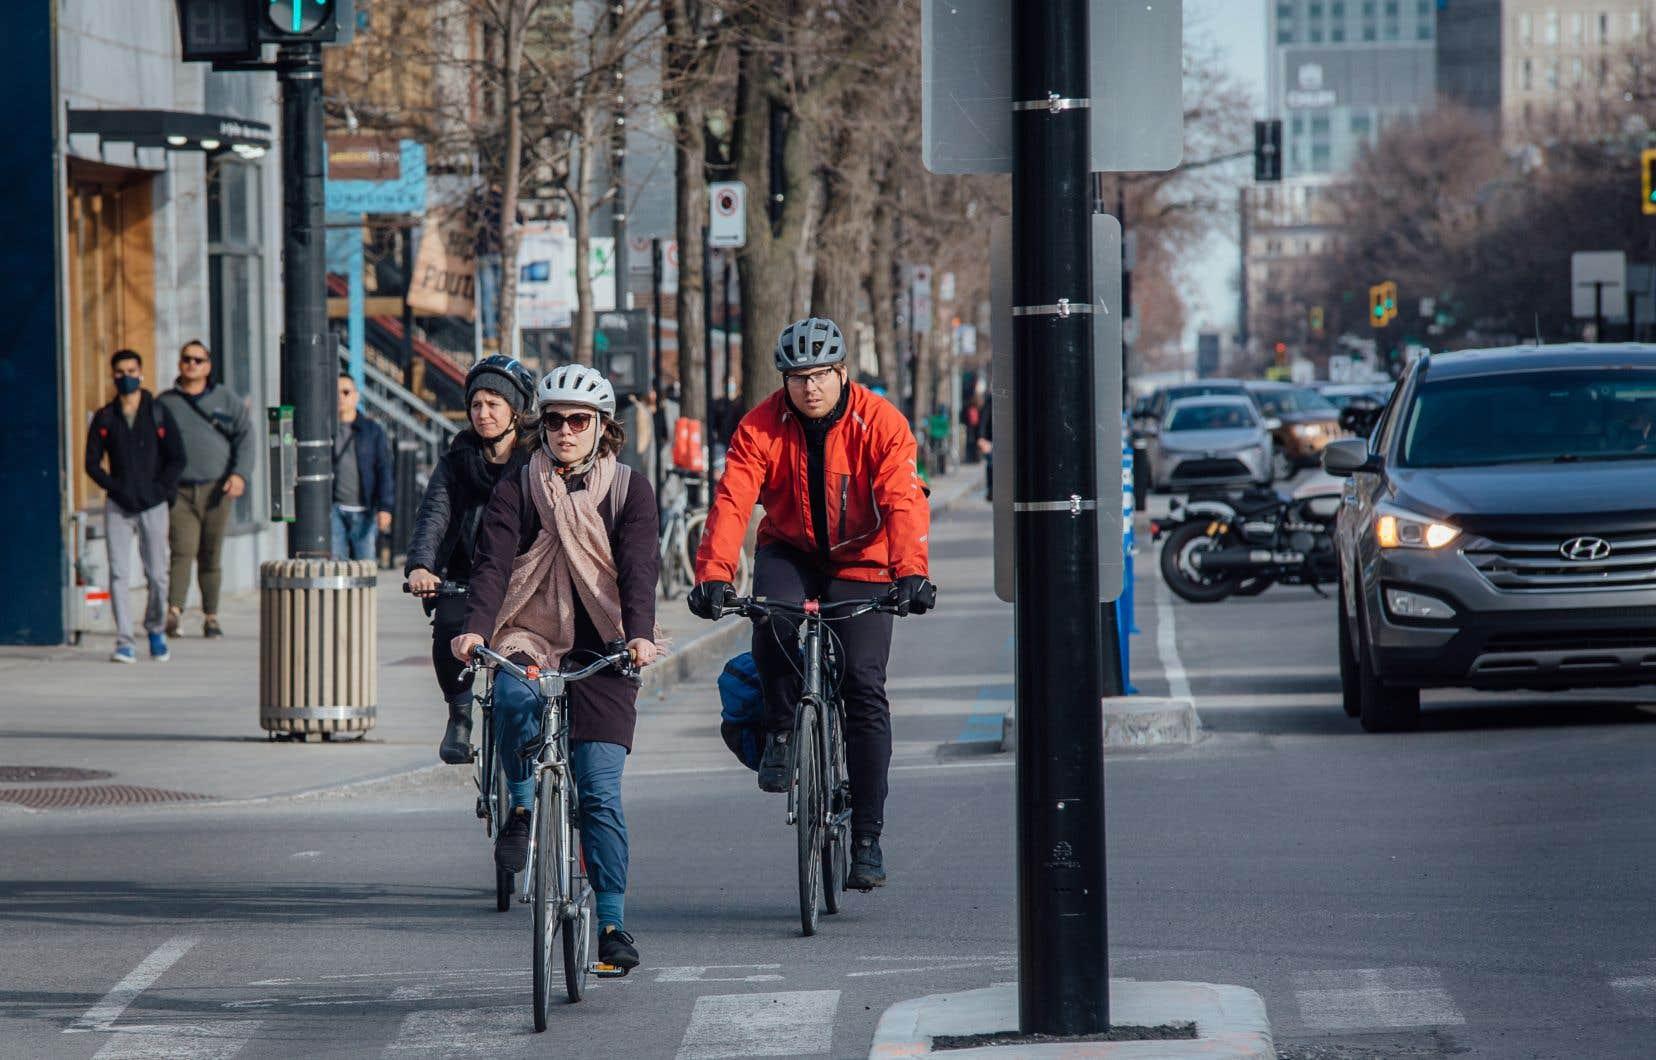 Pour encourager les citoyens à faire davantage de vélo, la Ville de Montréal  a investi dans l'aménagement du Réseau express vélo (REV), un projet de piste cyclable réparti sur l'ensemble de son territoire.